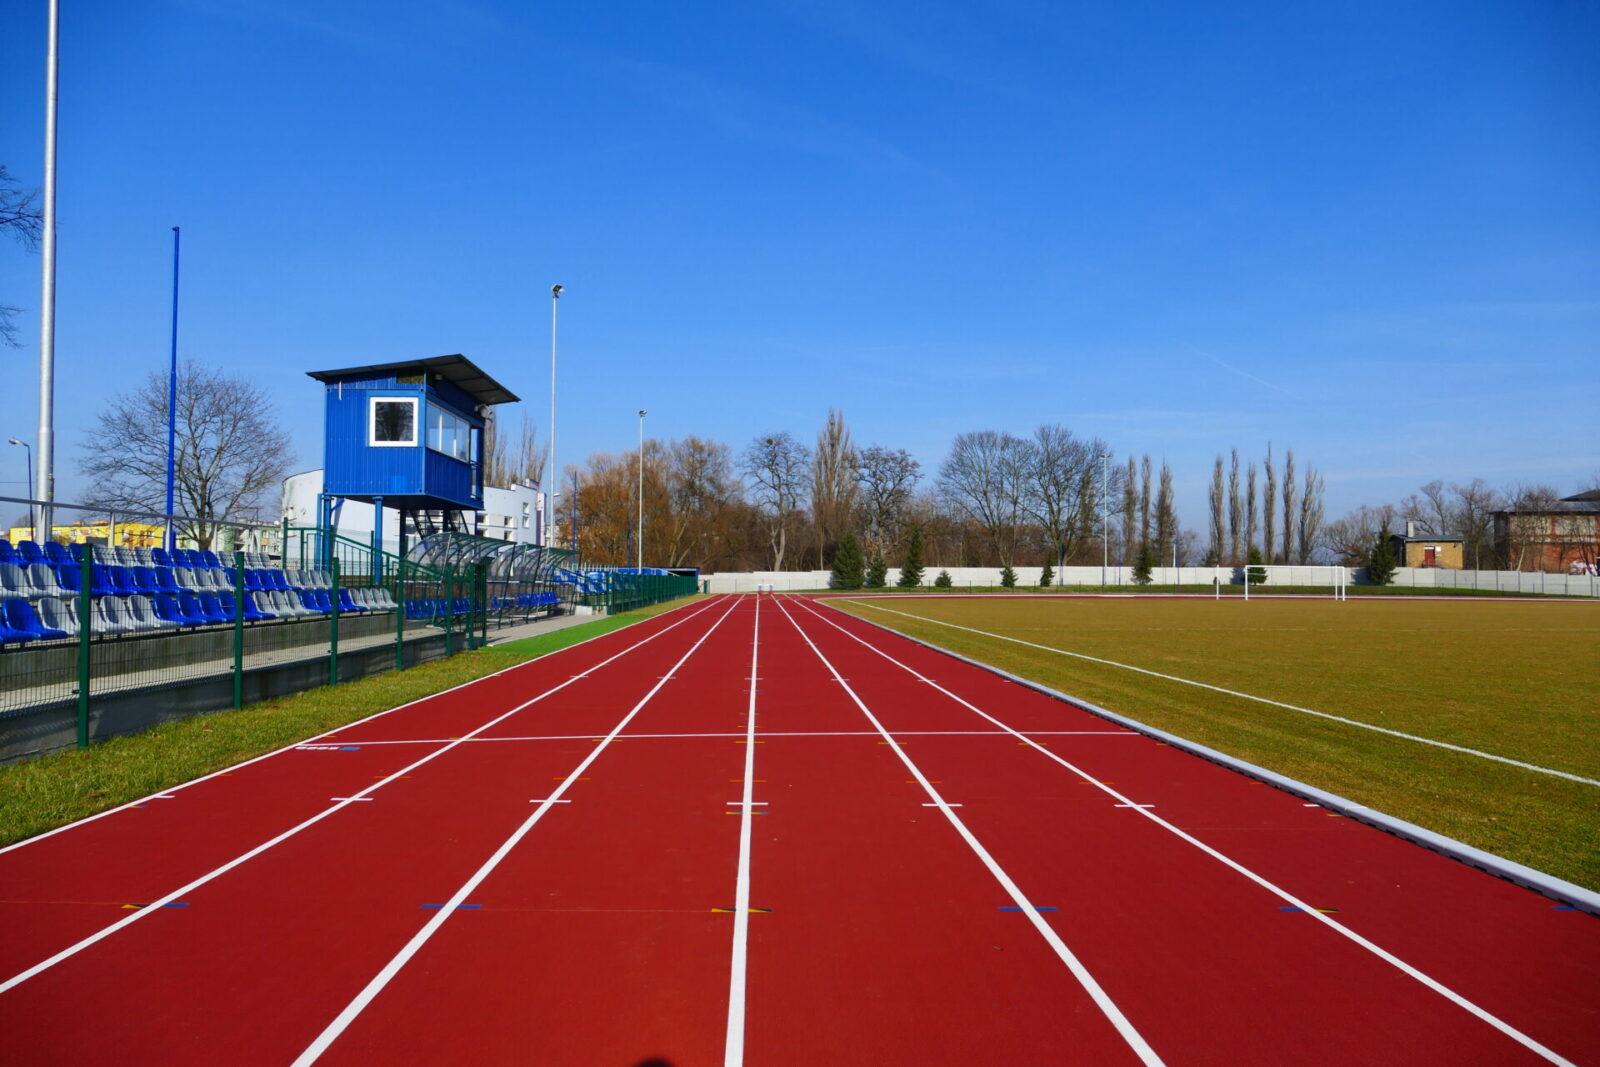 Bieżnia lekkoatletyczna na Stadionie Miejskim w Międzyrzeczu.